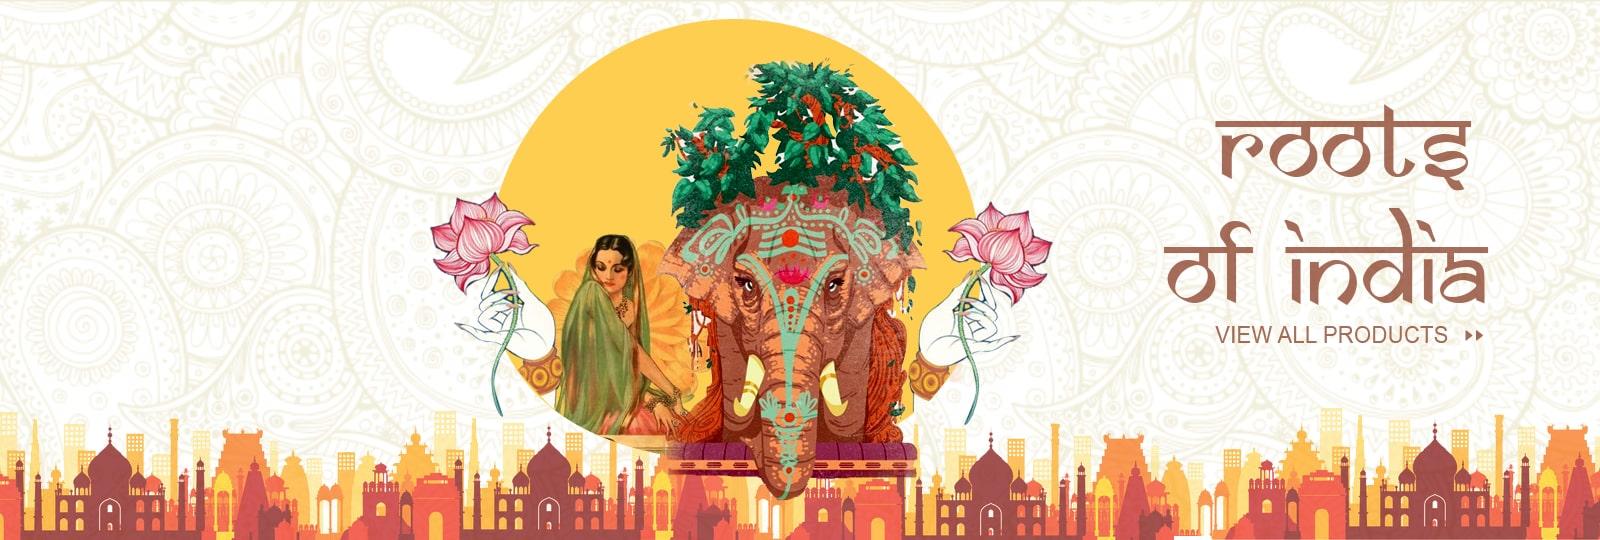 Roots of india min original